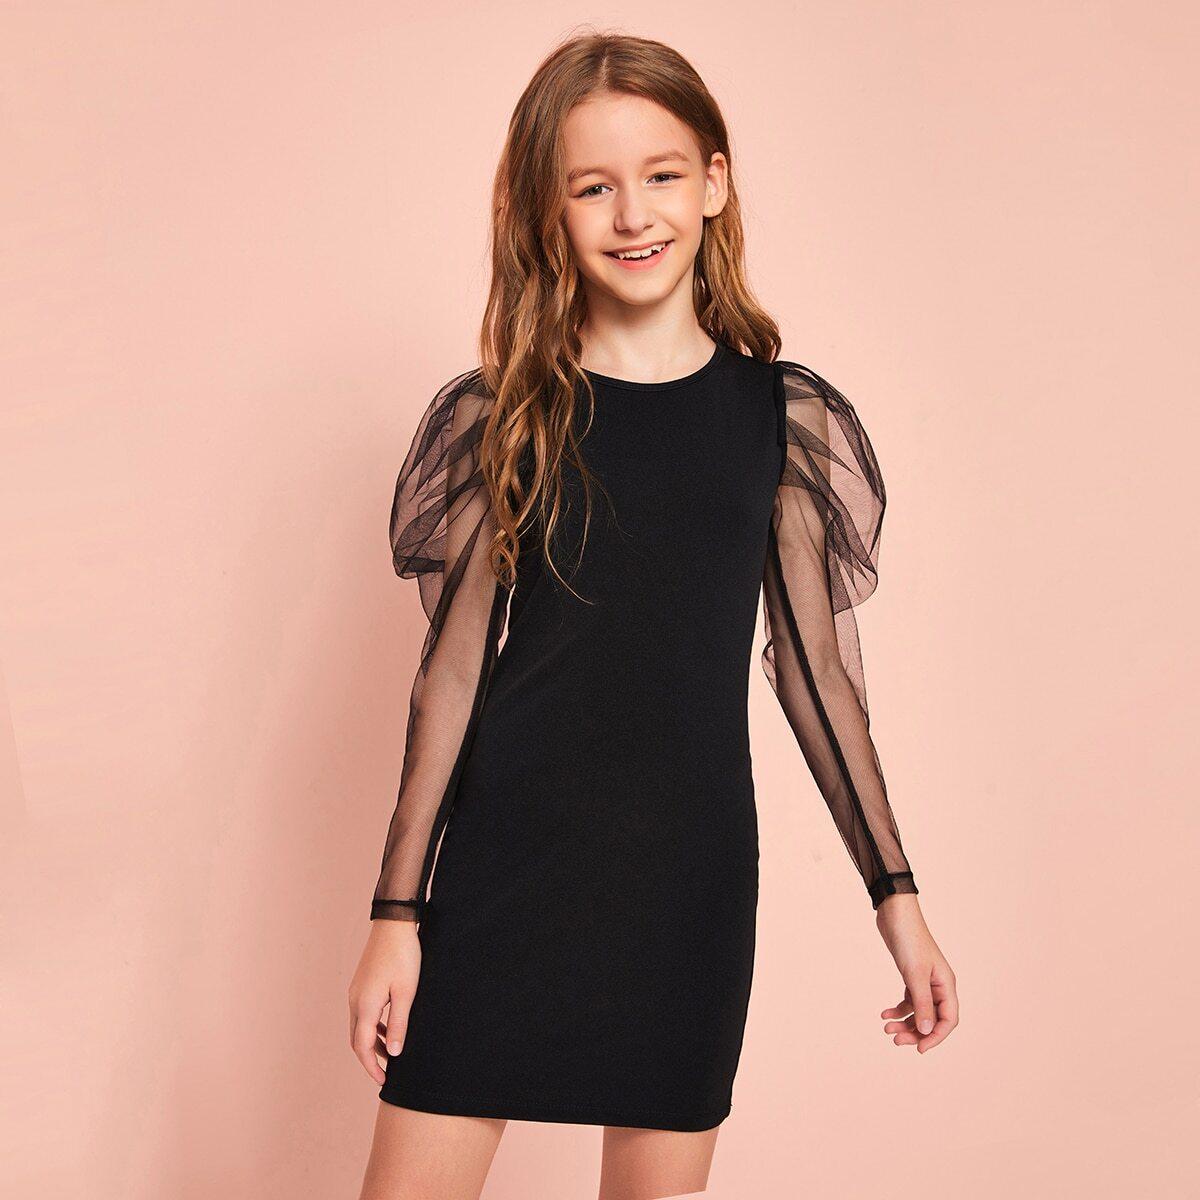 Облегающее платье с сетчатыми рукавами для девочек от SHEIN